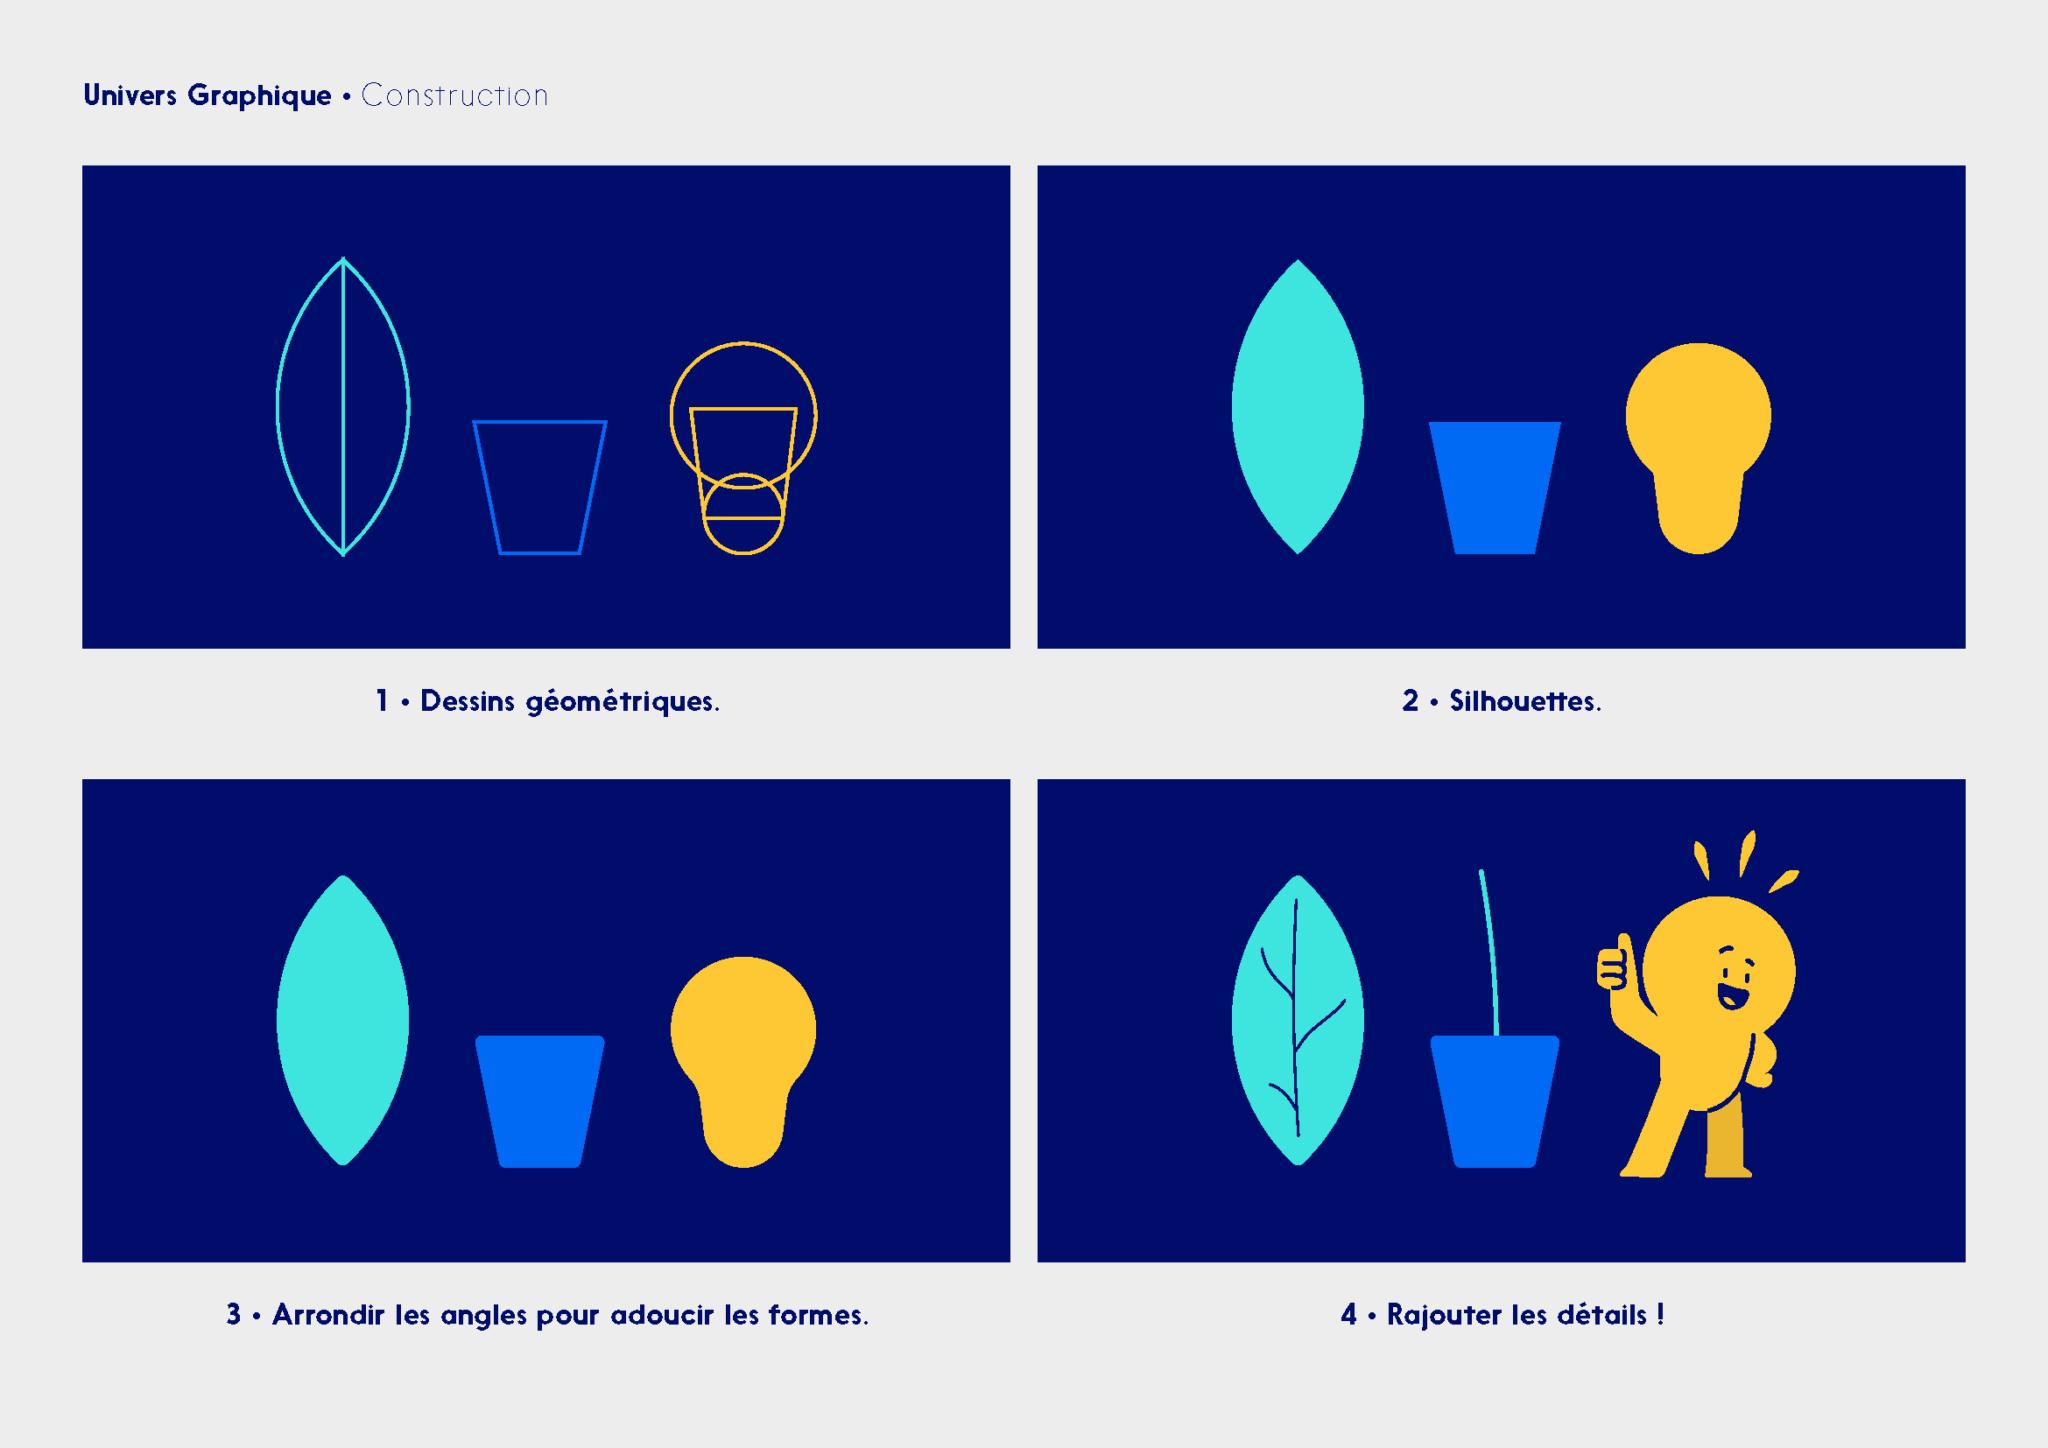 étapes de constriction des illustrations (dessins géométriques puis silhouettes puis arrondir les angles pour adoucir les formes puis rajouter les détails)